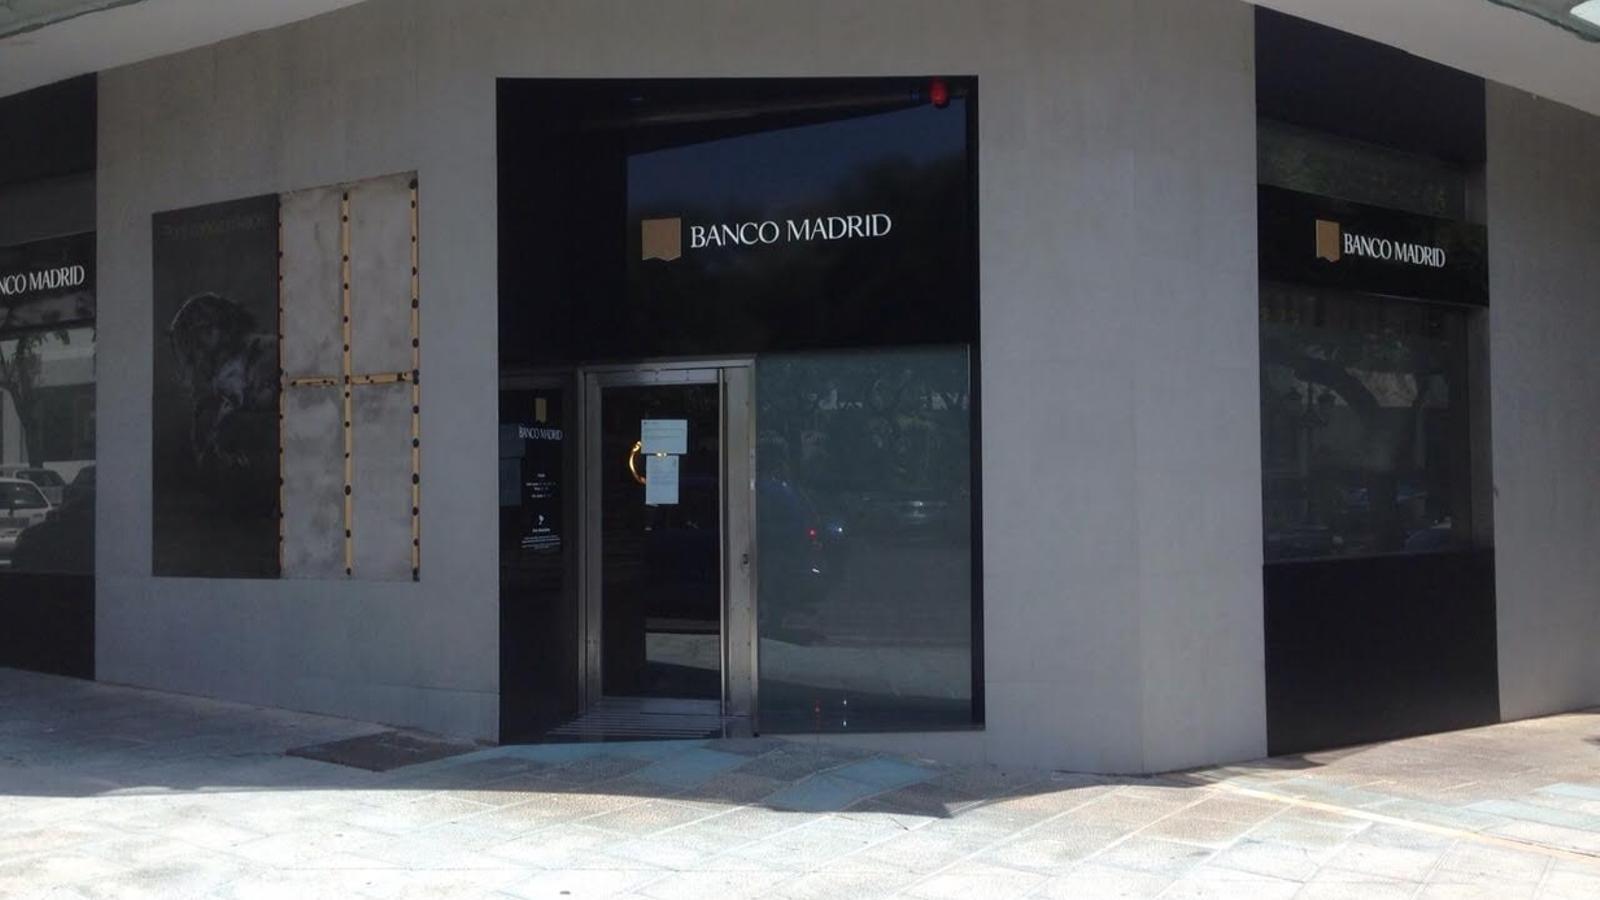 El banc d 39 espanya creu que bpa va comprar banco madrid amb for Oficina familia numerosa madrid